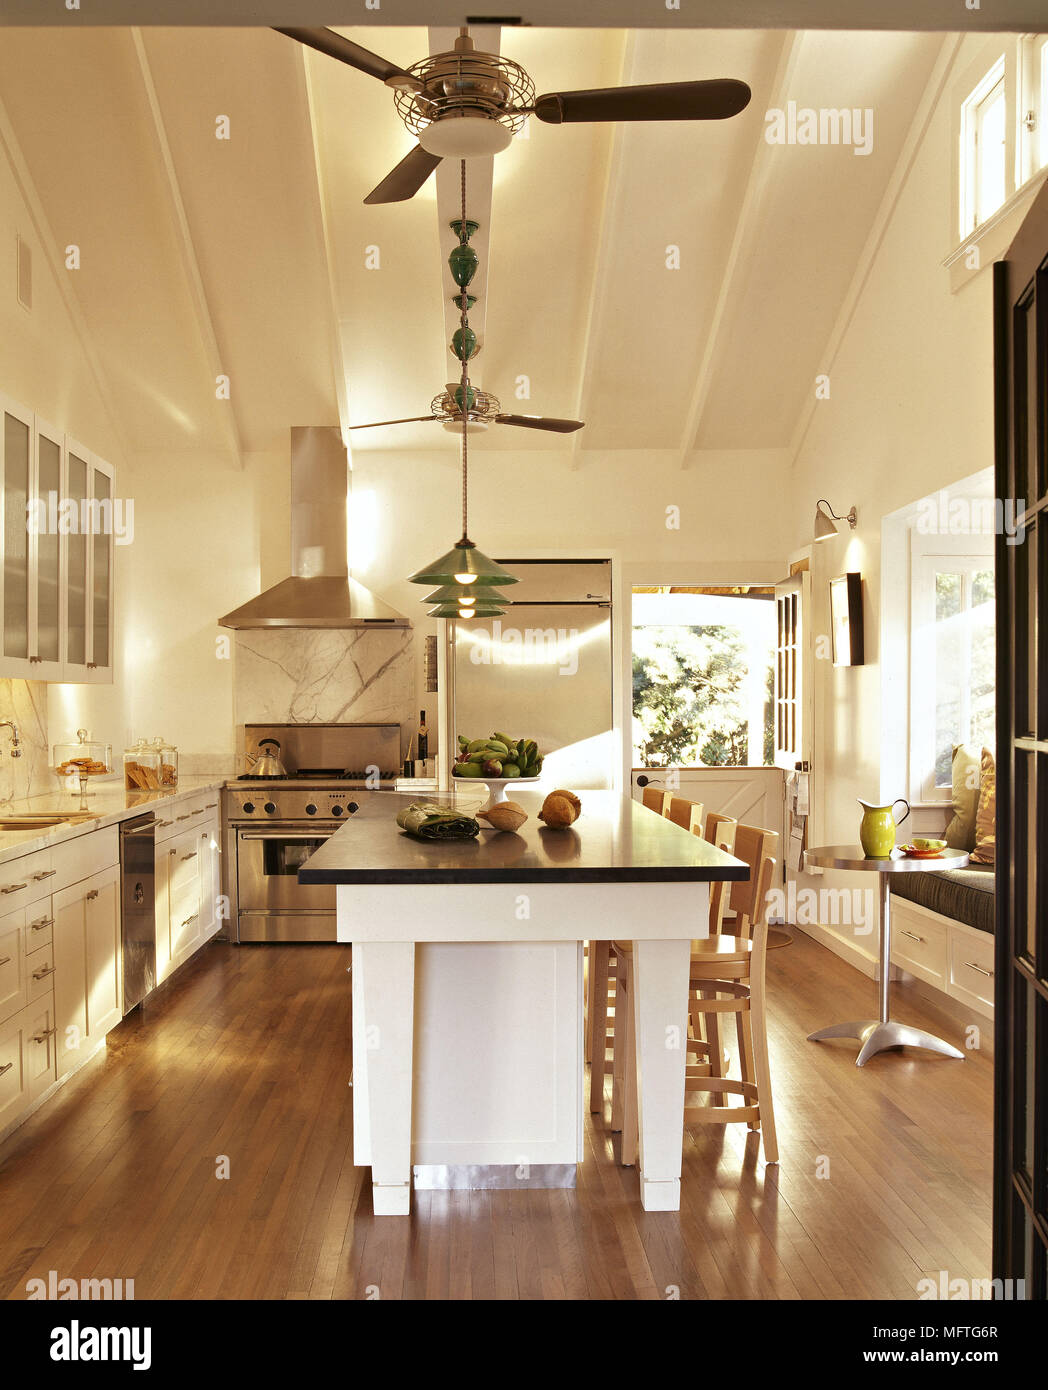 Modernes Land Küche creme Einheiten aus schwarzem Granit ...